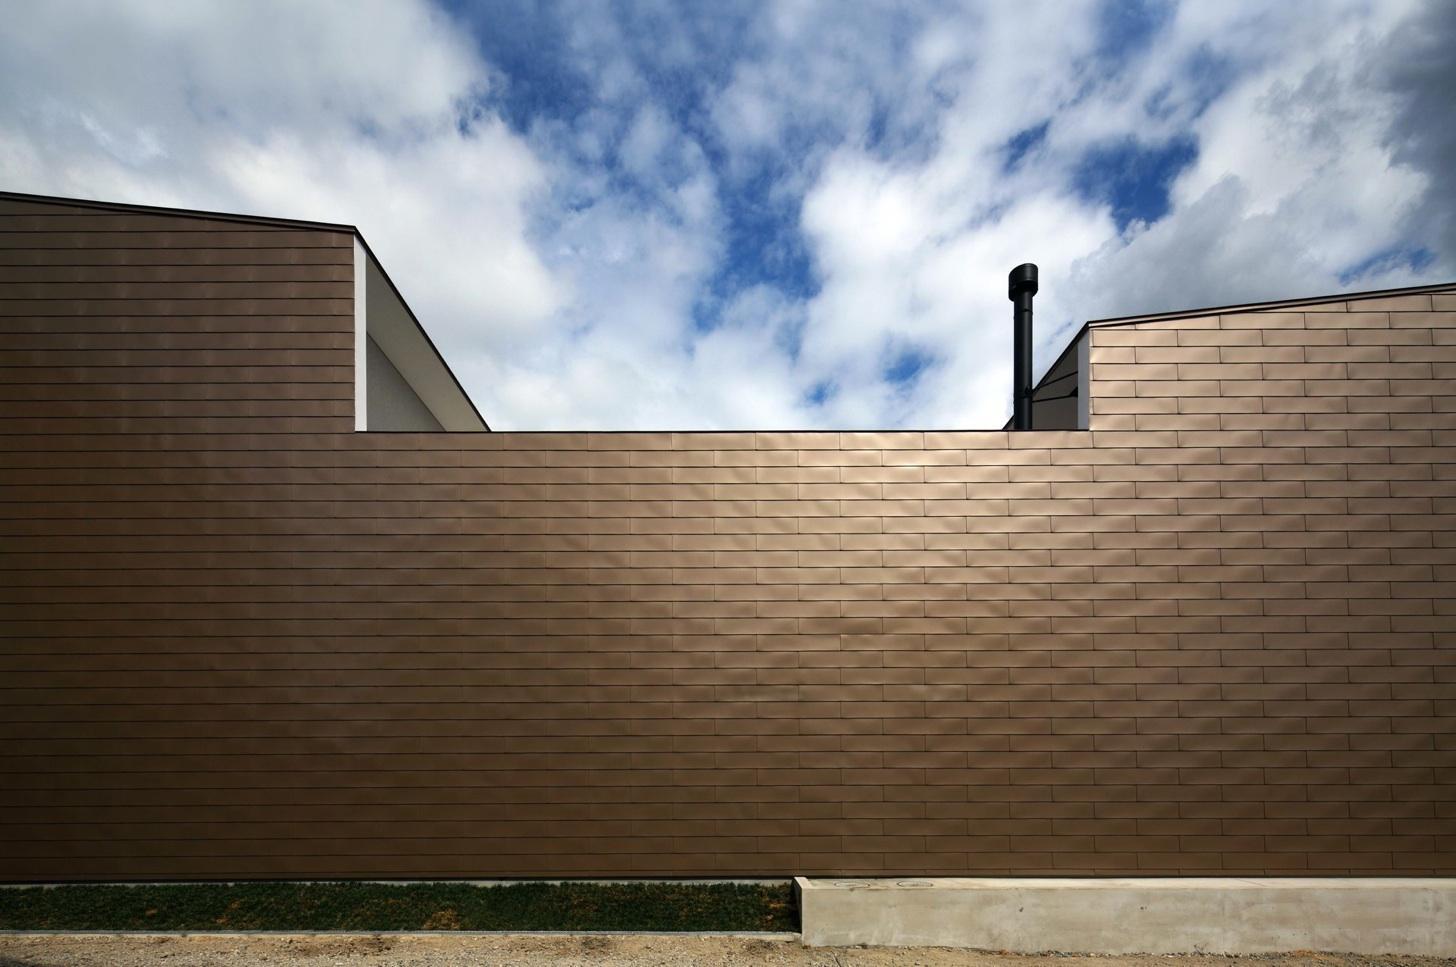 『凹[ou]』内と外の関係性を持つ住宅の部屋 モダンな外観-プライバシー確保